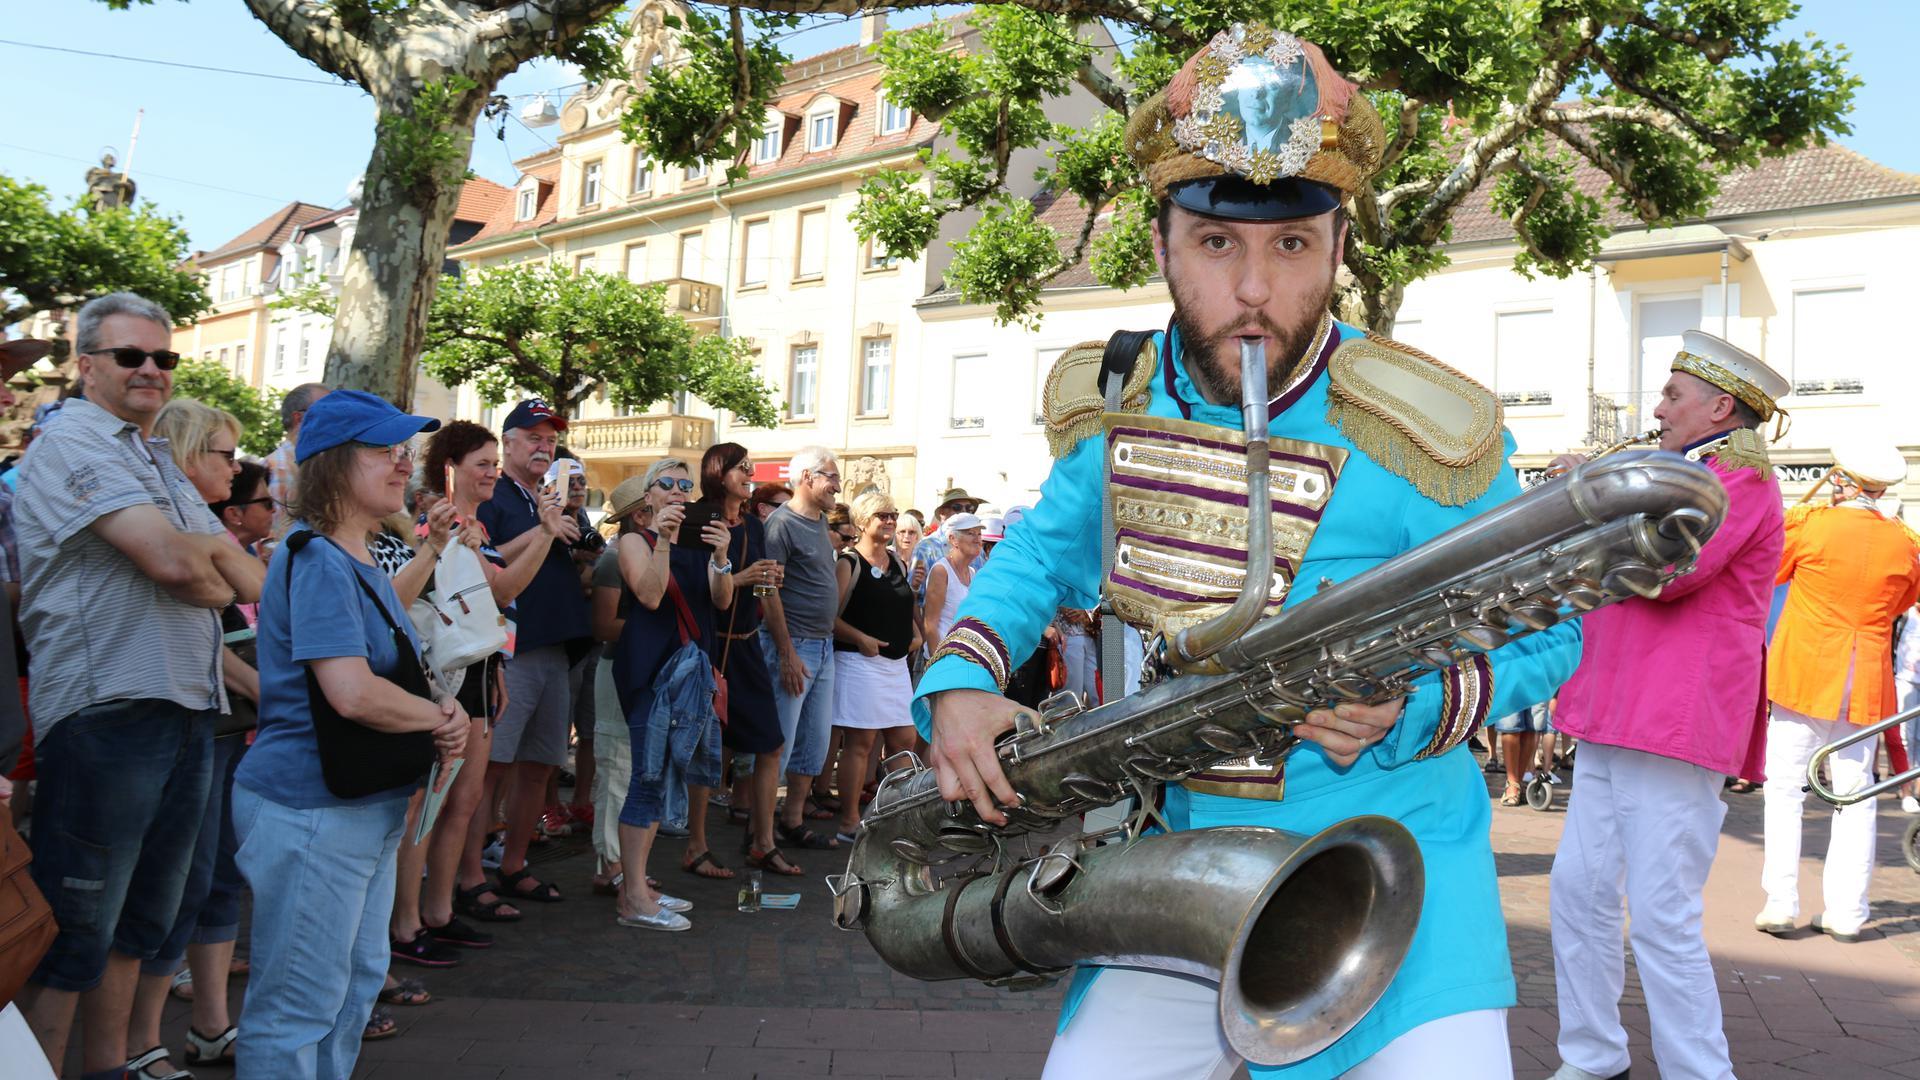 Dicht an dicht und ganz nah dran: So wie beim Auftritt der Musiker von Mr. Wilsons Second Liners beim tête-à-tête 2018 wird es im kommenden Jahr wohl nicht aussehen.